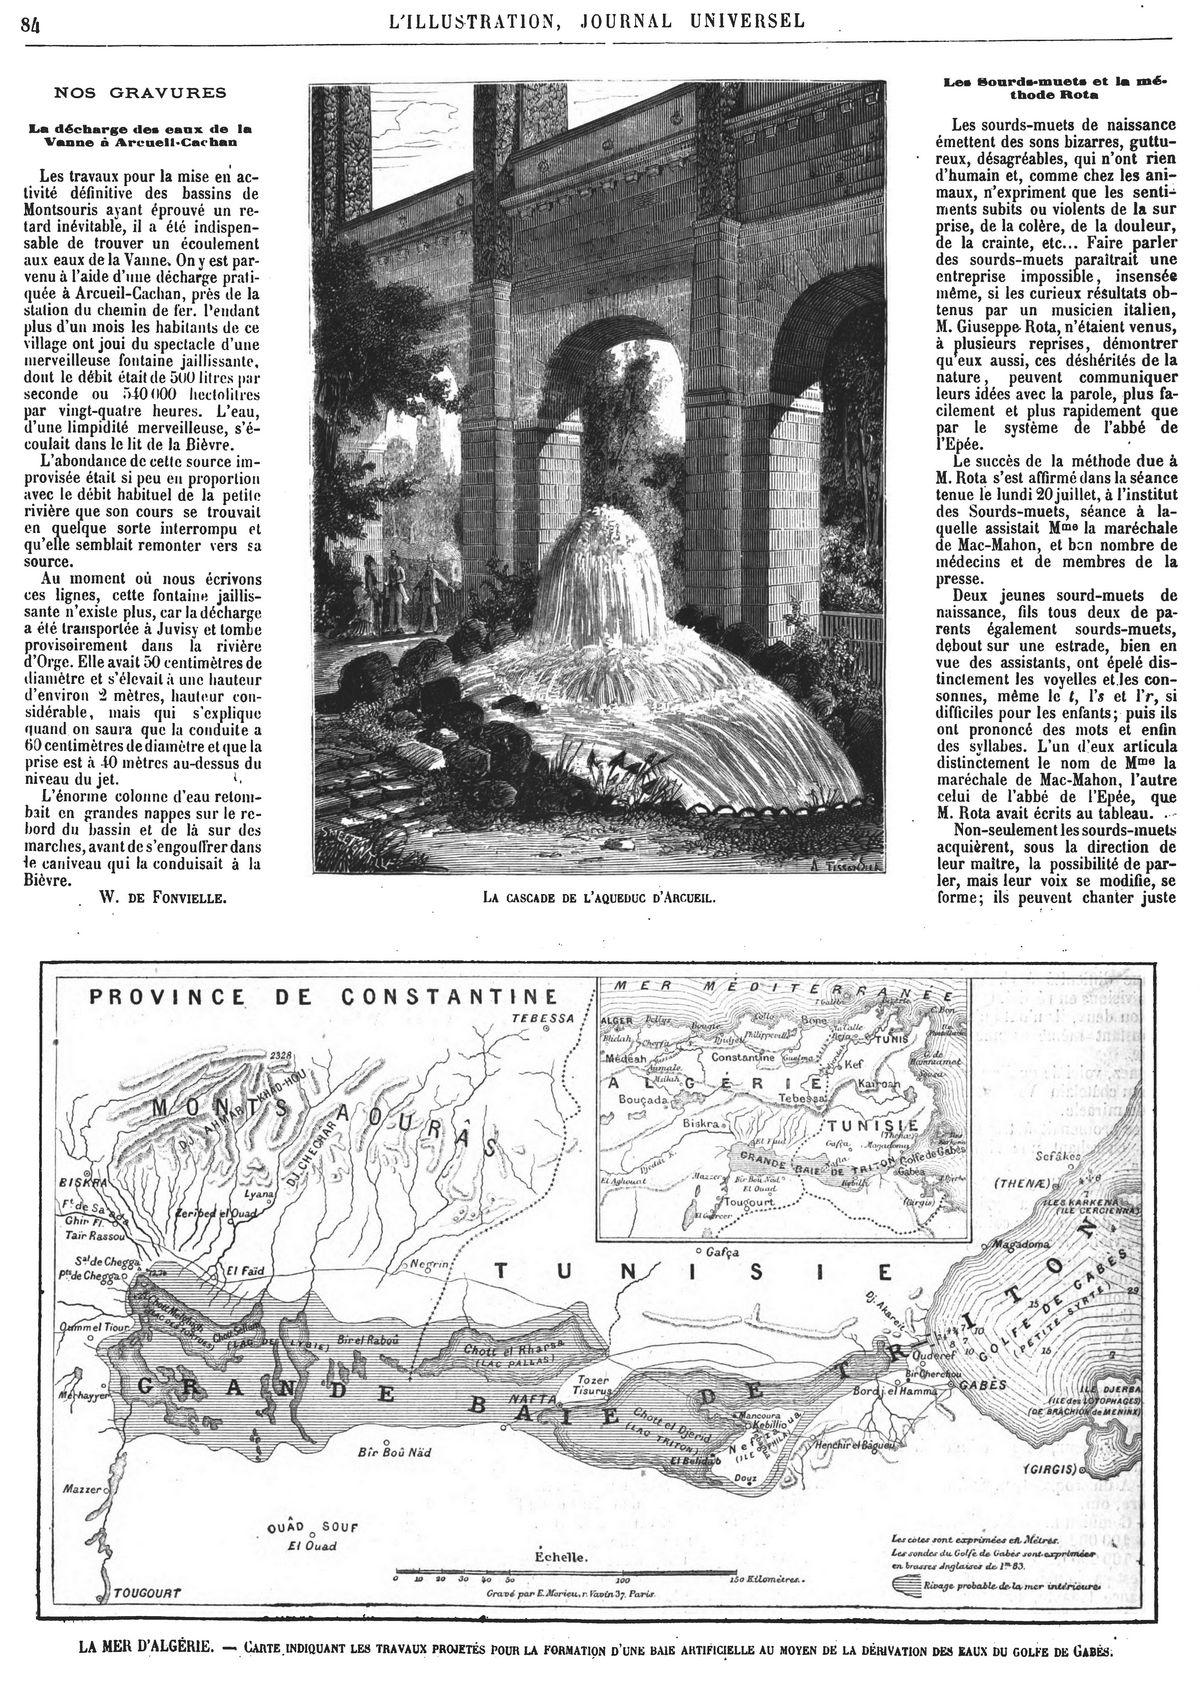 La cascade de l'aqueduc d'Arcueil. — La mer d'Algérie.: carte indiquant les travaux projetés pour la formation d'une haie artificielle au moyen de la dérivation des eaux du golfe de Cabès.